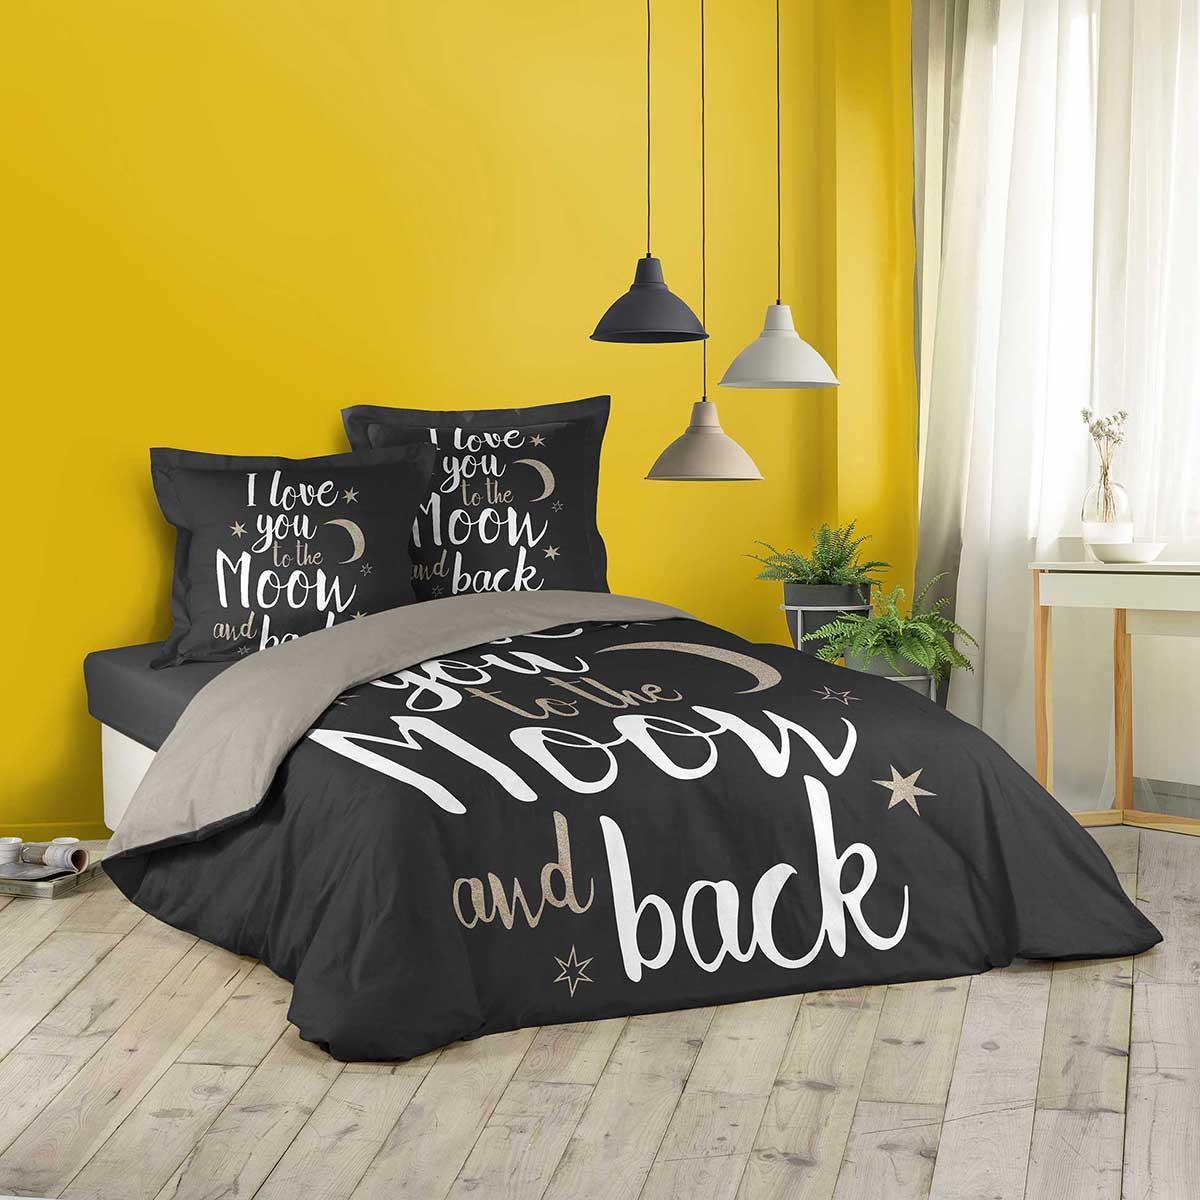 HomeMaison Parure de lit pour 2 Personnes Etoiles arrondies